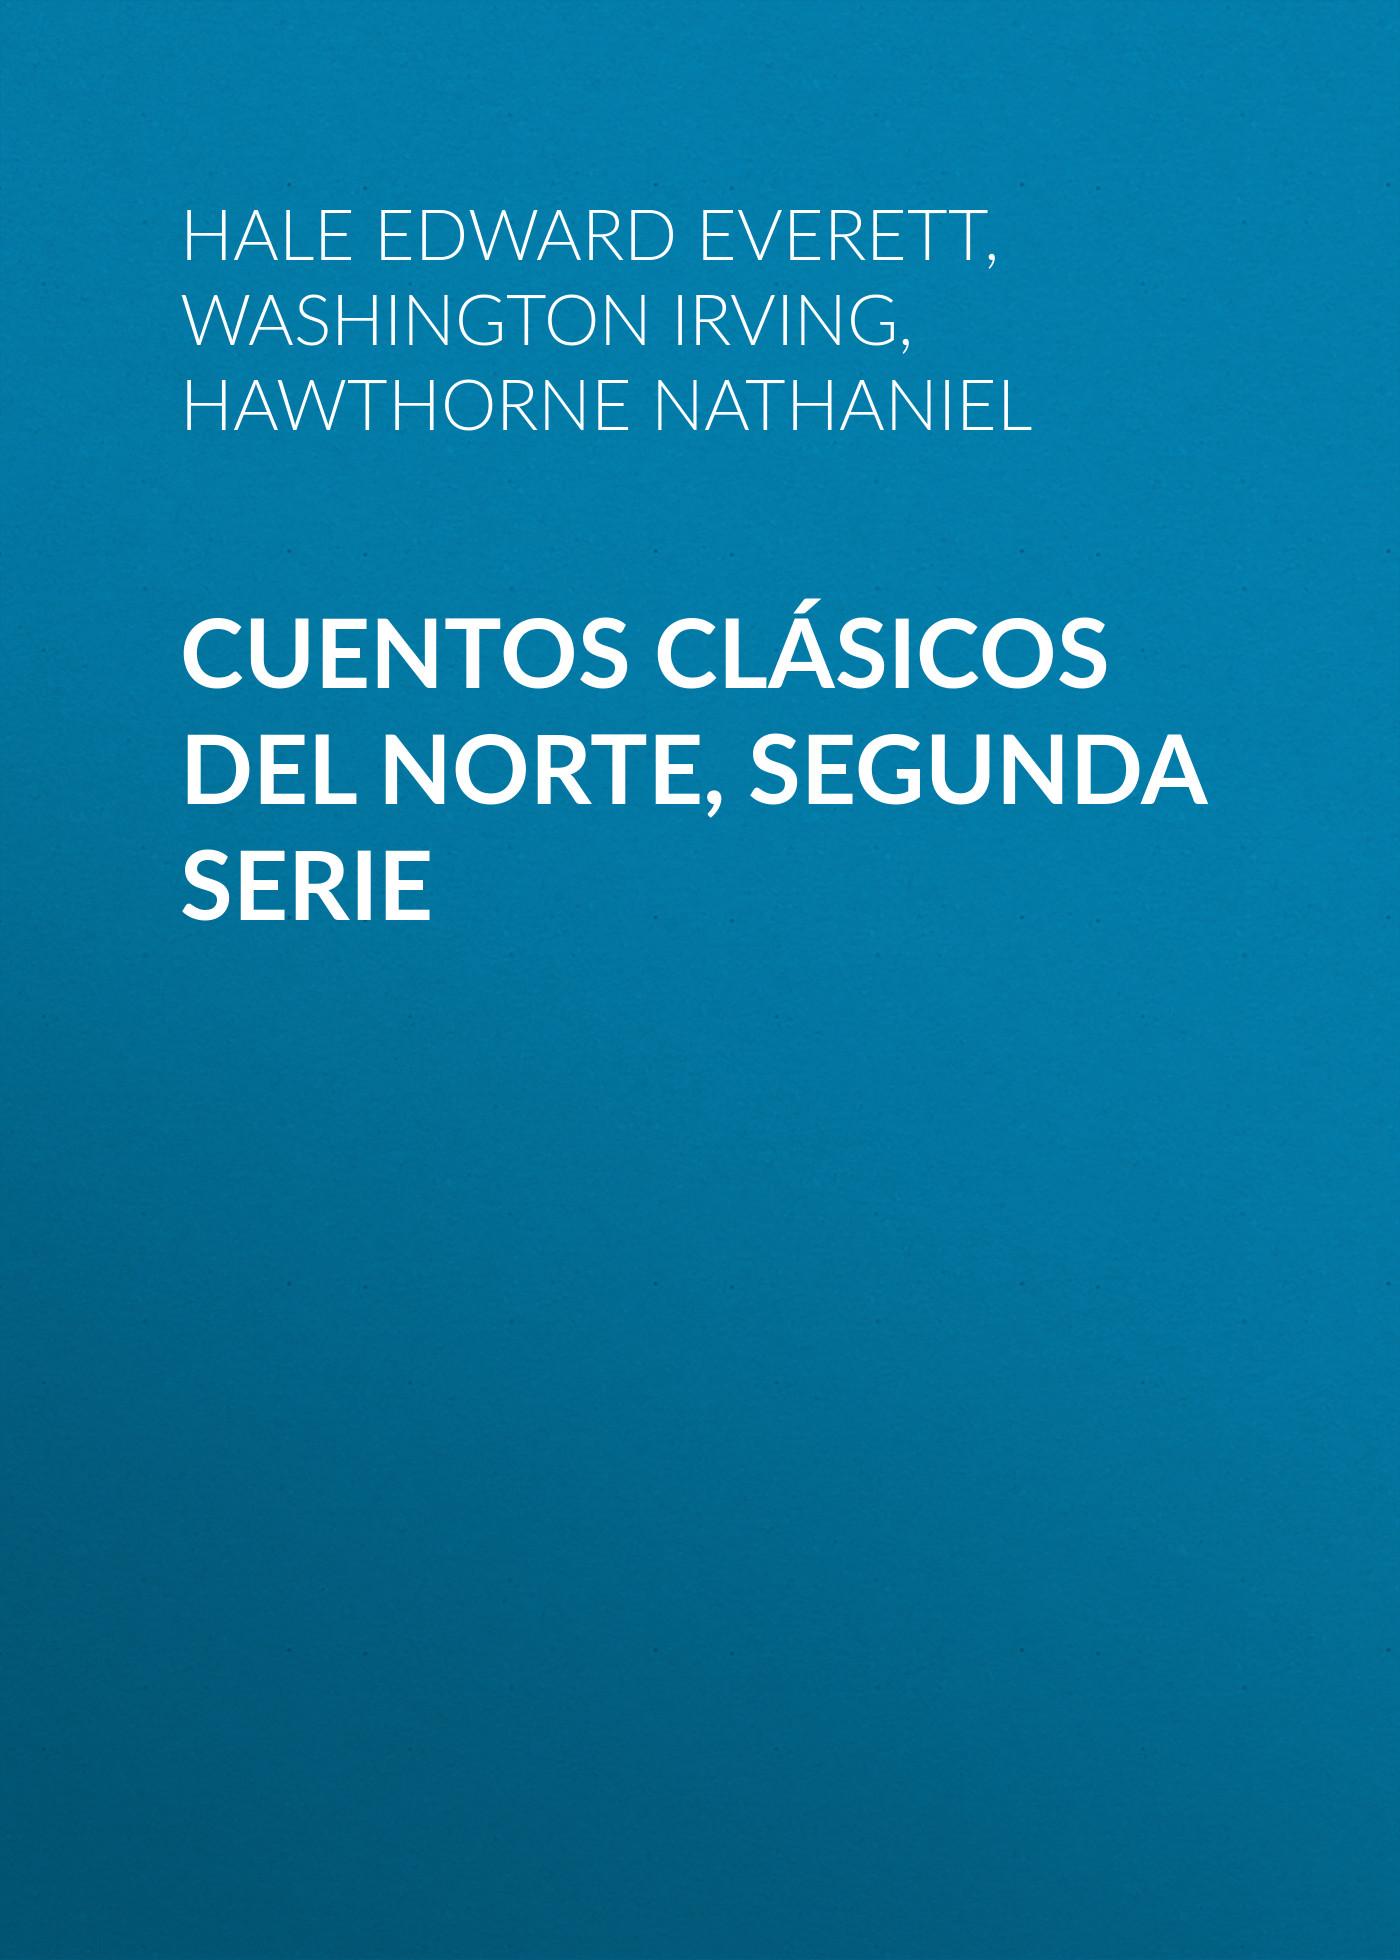 Вашингтон Ирвинг Cuentos Clásicos del Norte, Segunda Serie потолочный светильник arte lamp venezia a2101pl 4wh